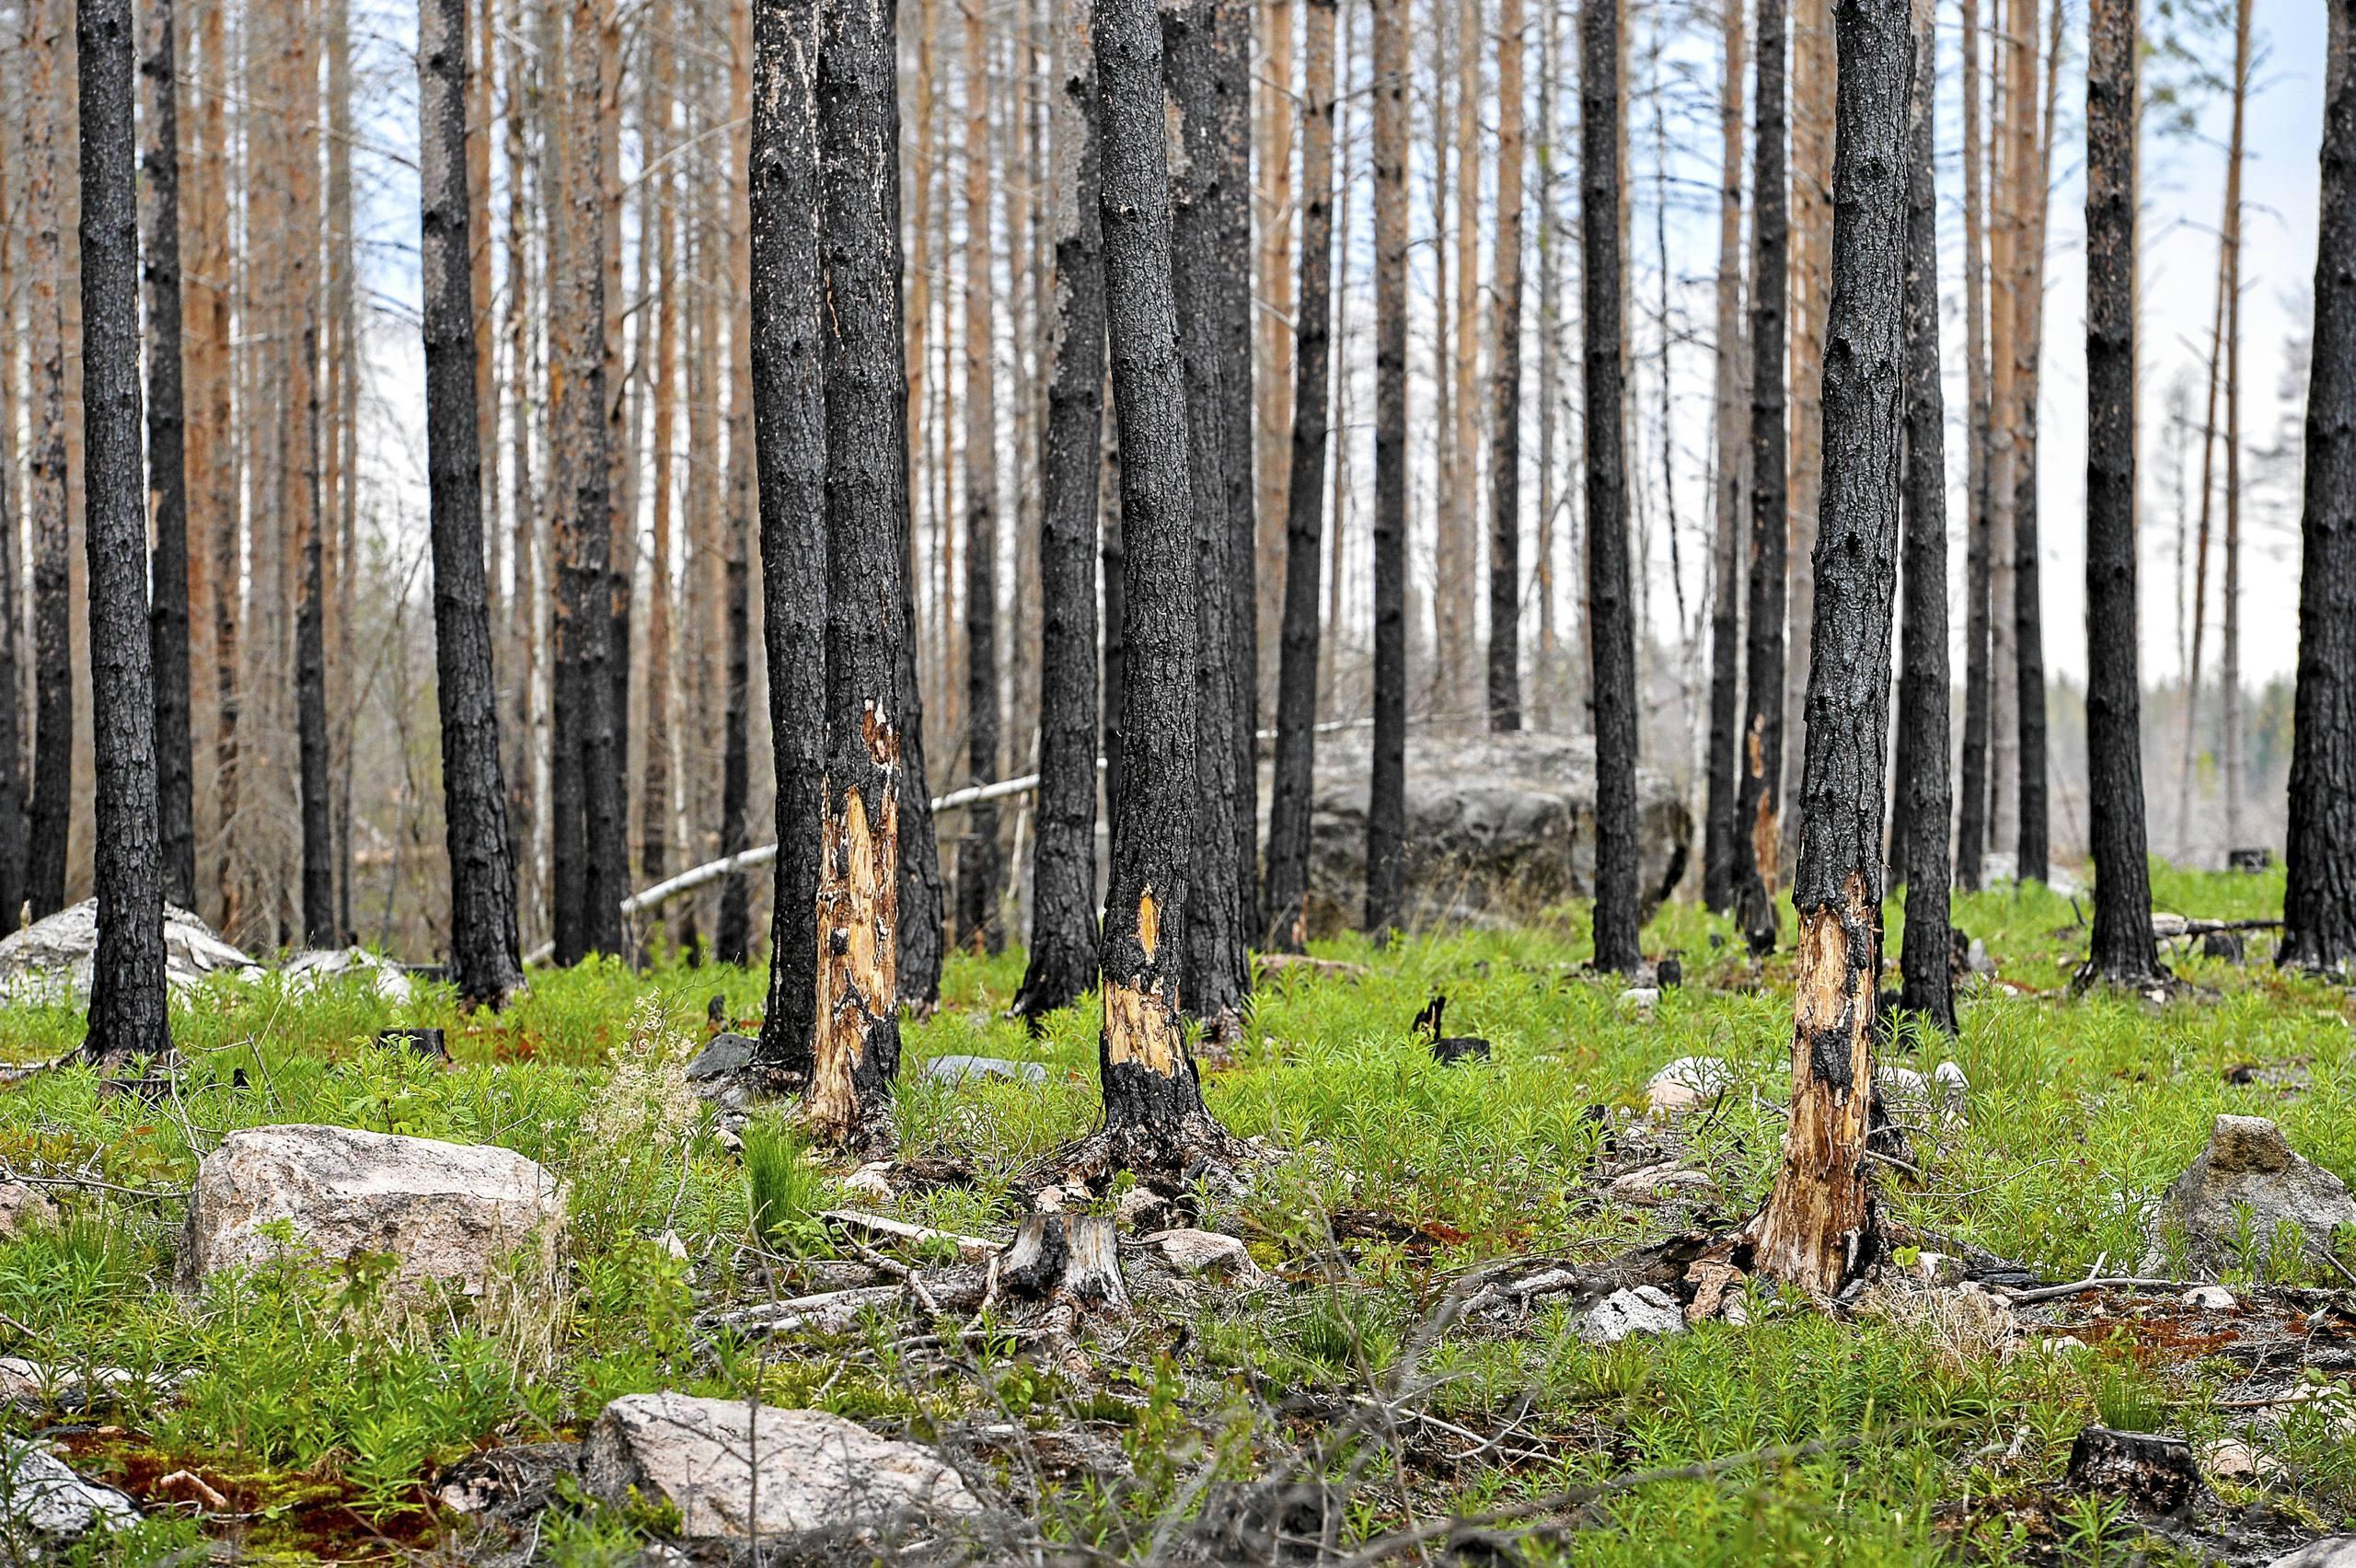 Manader senare nu ar skogsbranden slackt vastmanland